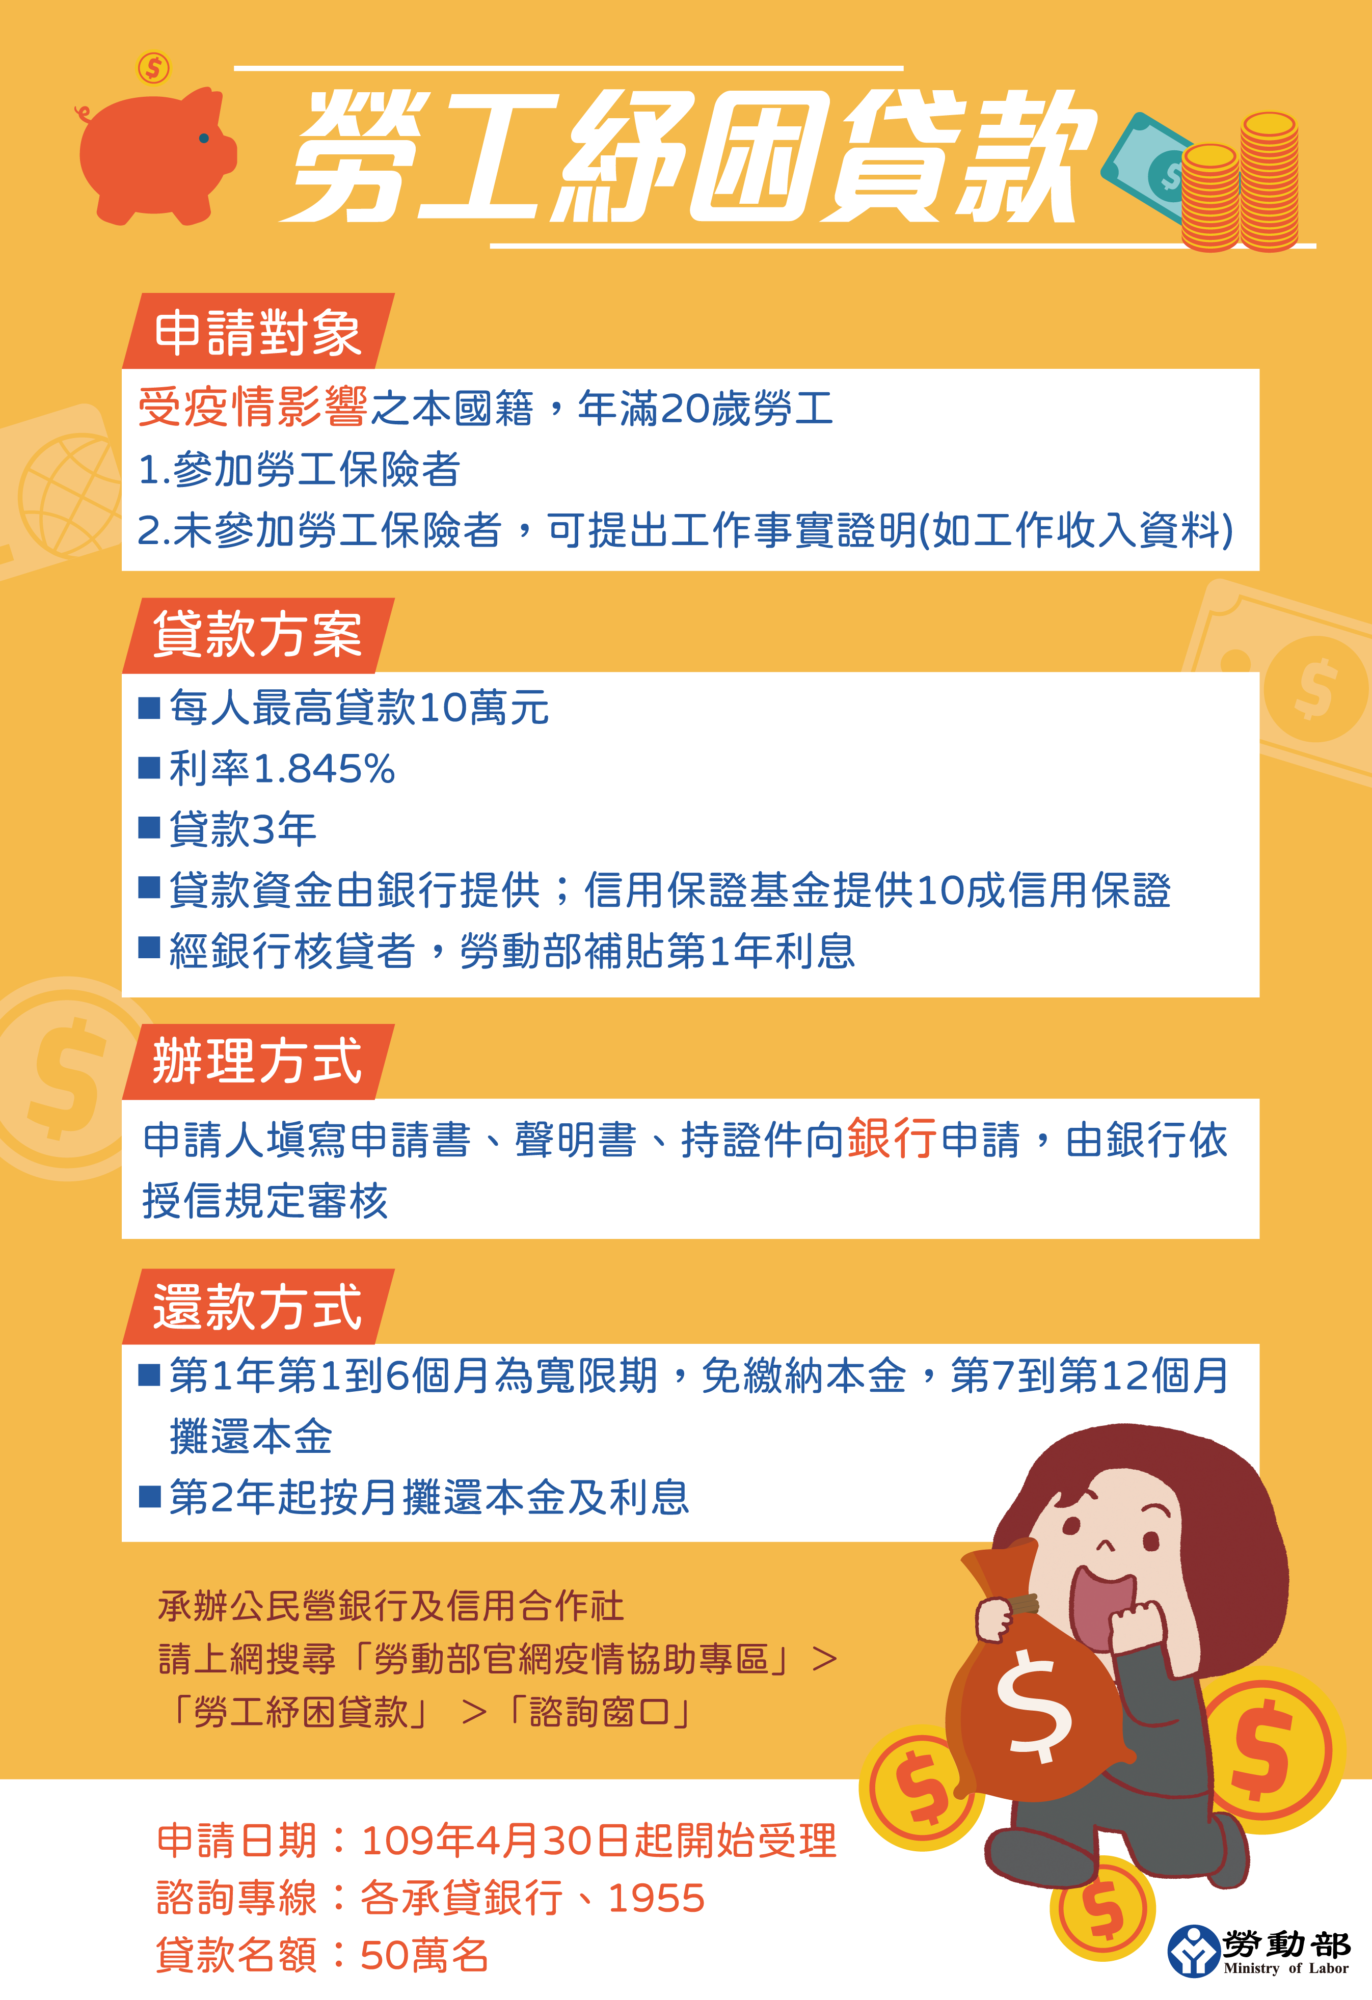 【彙整版】10萬元勞工紓困貸款首年免息 30日全國開辦